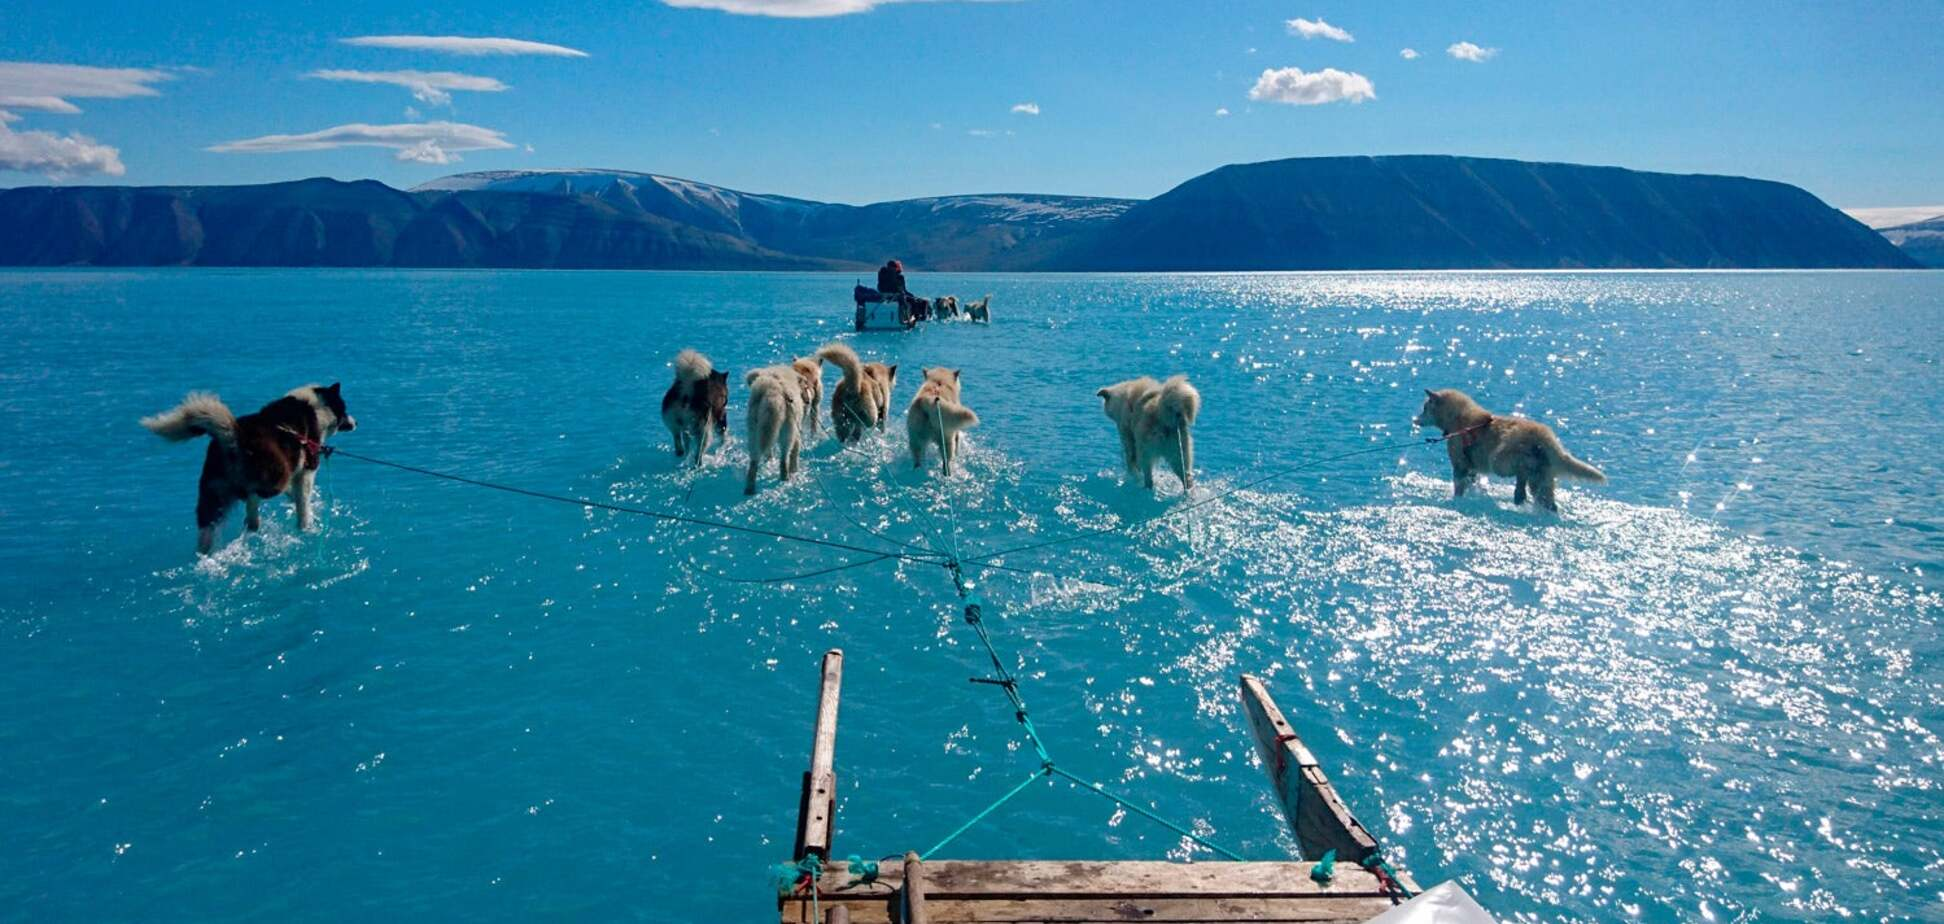 Гренландія вирішила заробляти на наслідках кліматичної кризи